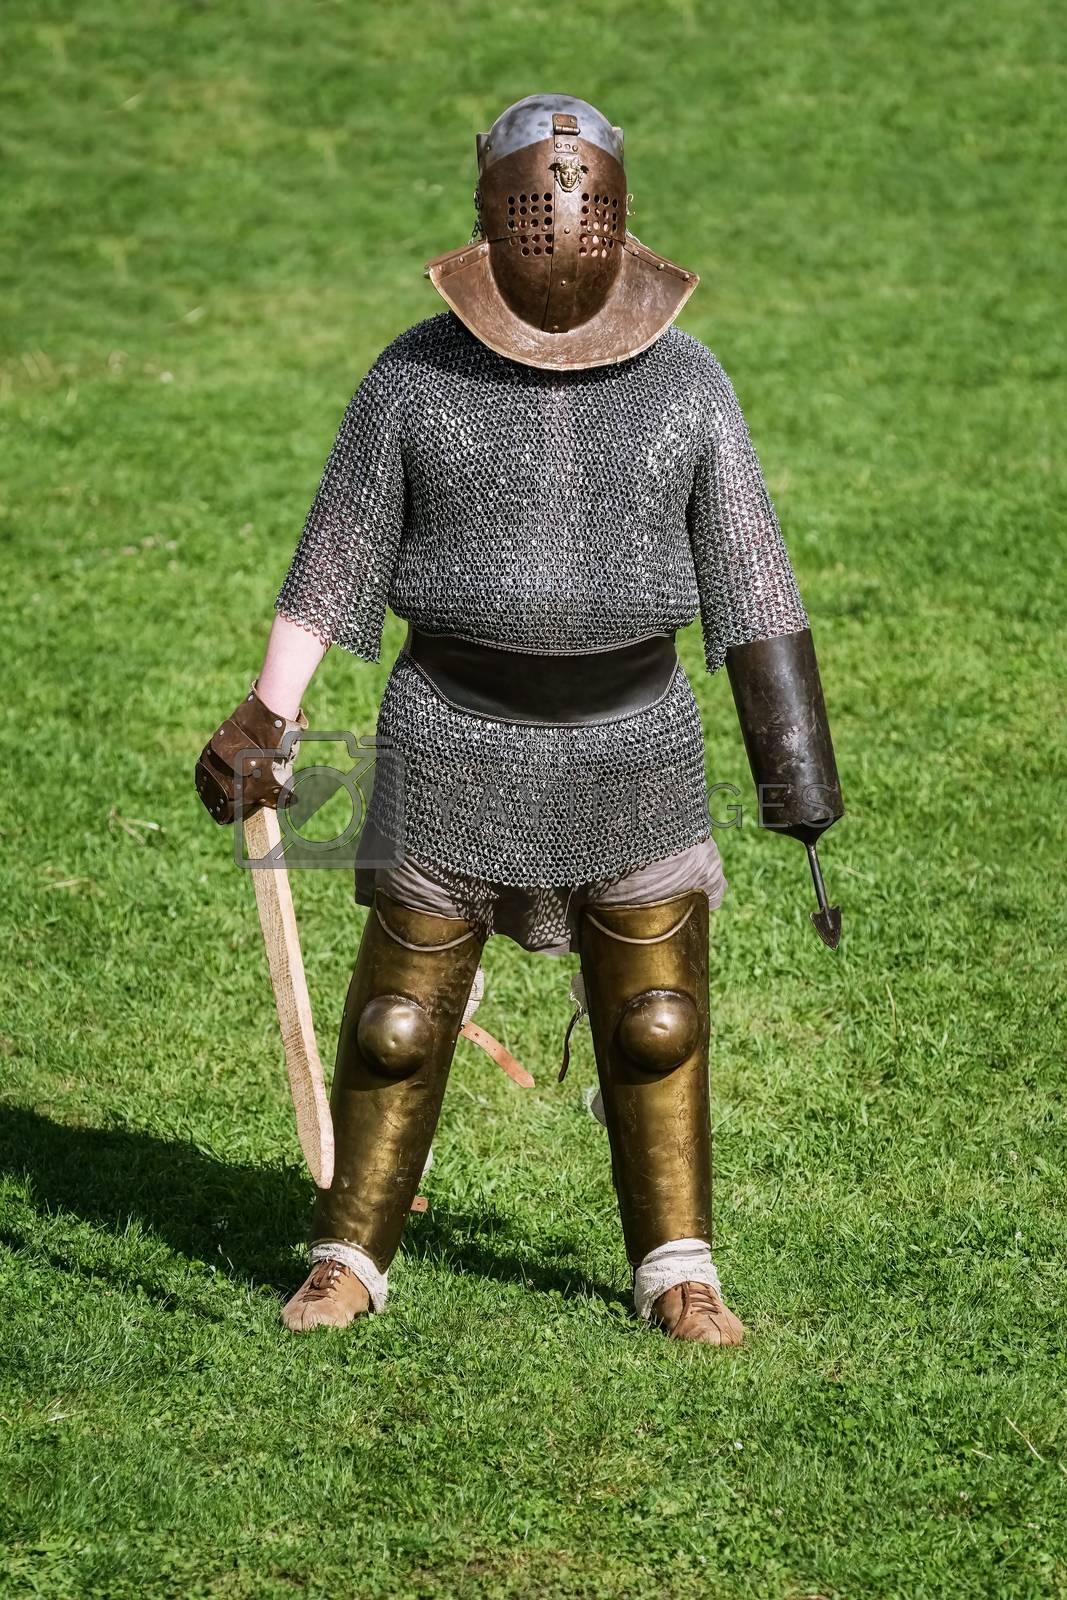 """Alba Iulia, Romania - May 04, 2019: Gladiator of the Roman Empire Posing During the Festival Roman Apulum """"Revolta""""."""